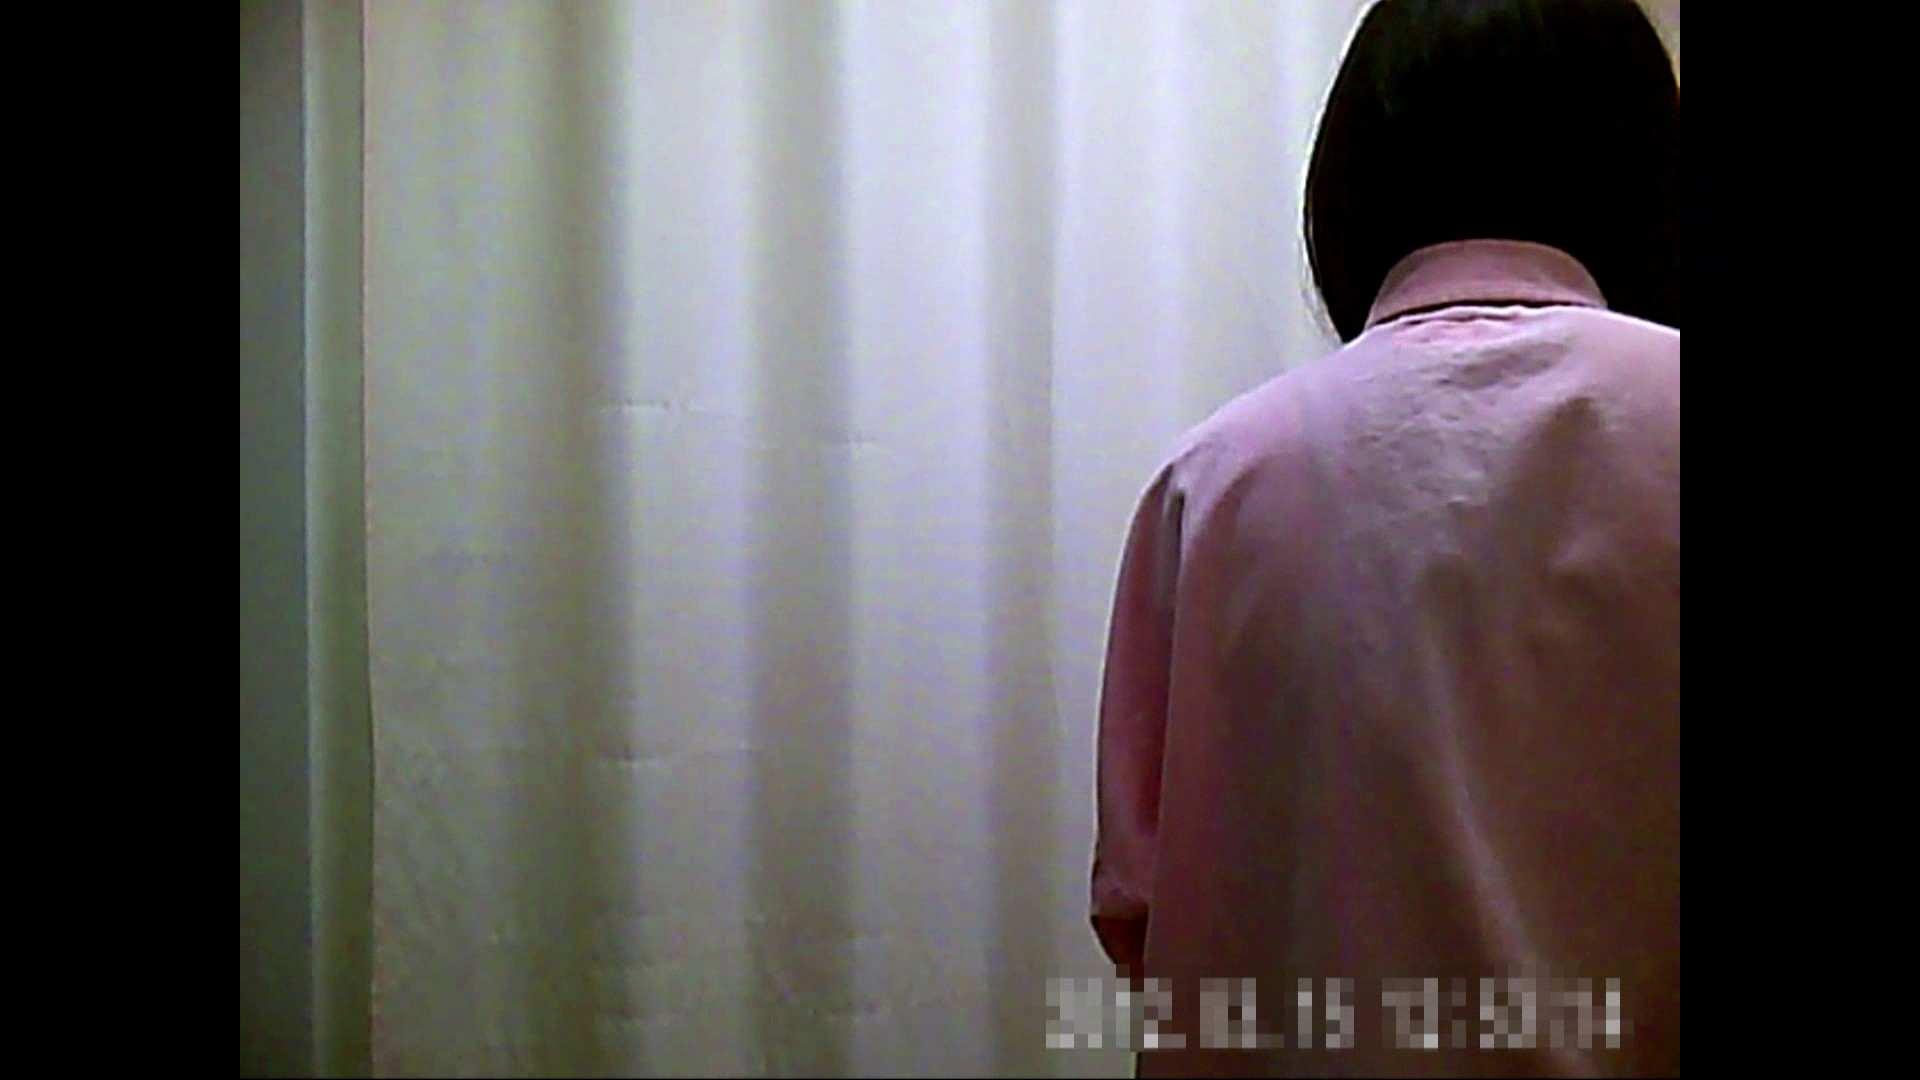 病院おもいっきり着替え! vol.269 おっぱい すけべAV動画紹介 91pic 75